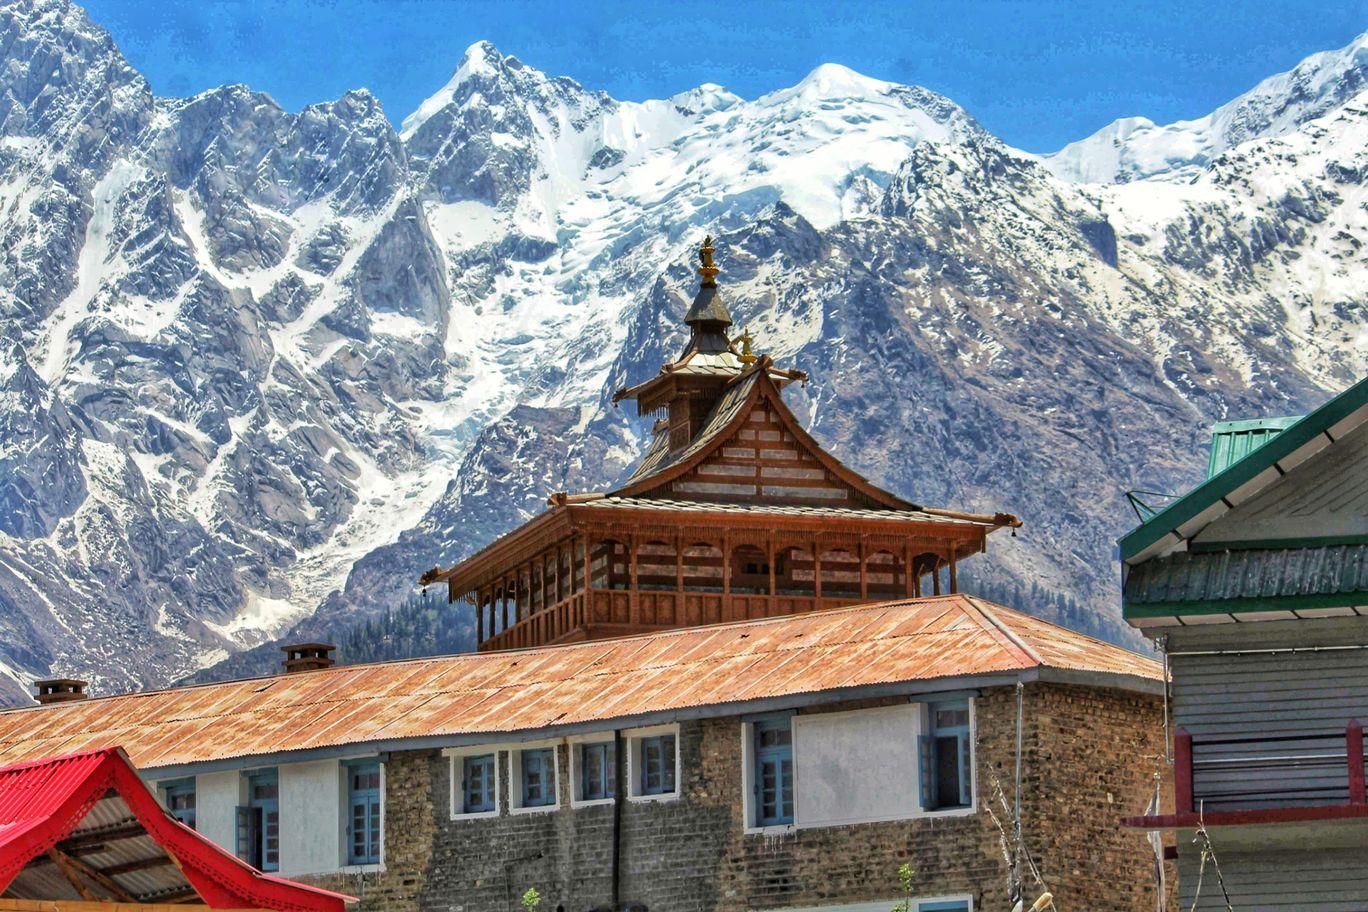 Photo of Himachal Pradesh By Being Awaara